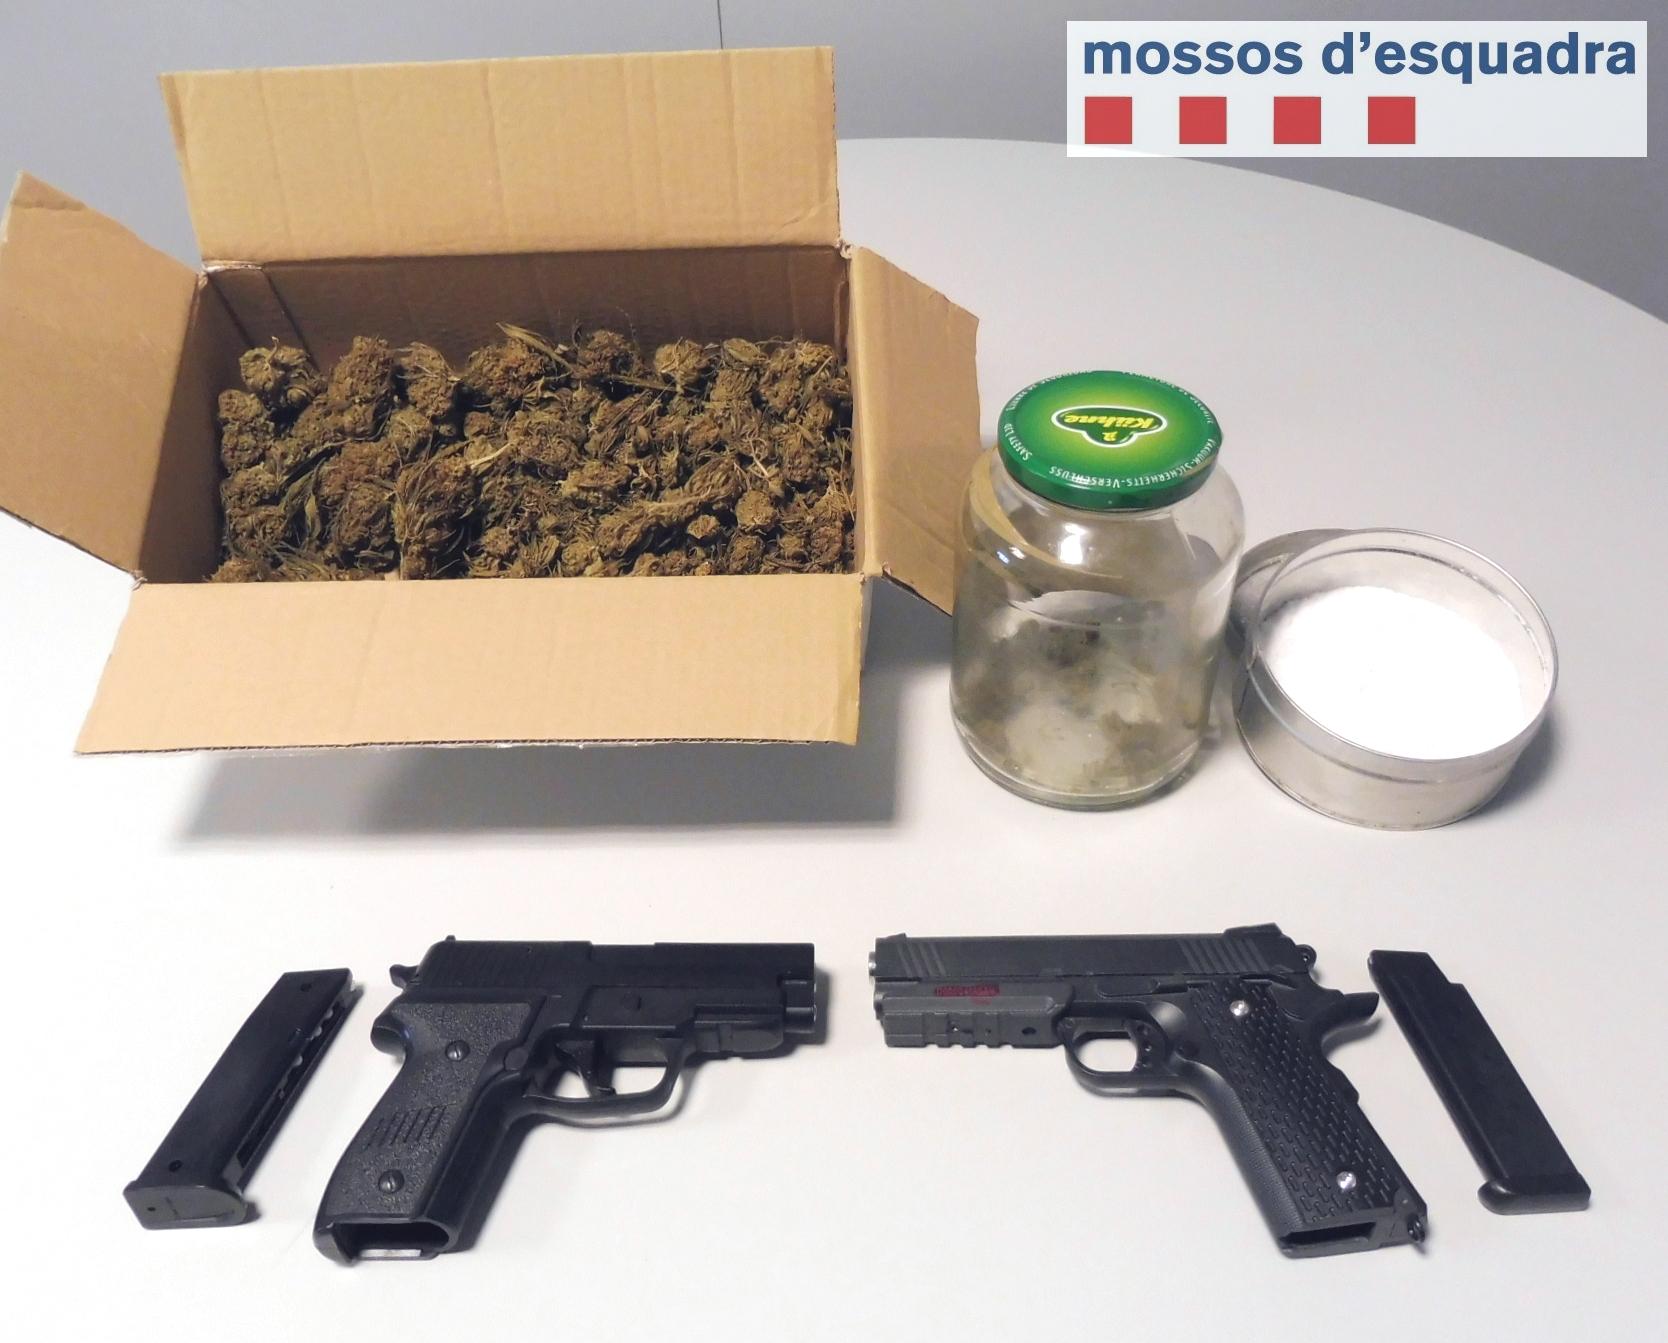 Els Mossos d'Esquadra detenen dues persones a la Segarra per tràfic de drogues i amenaces